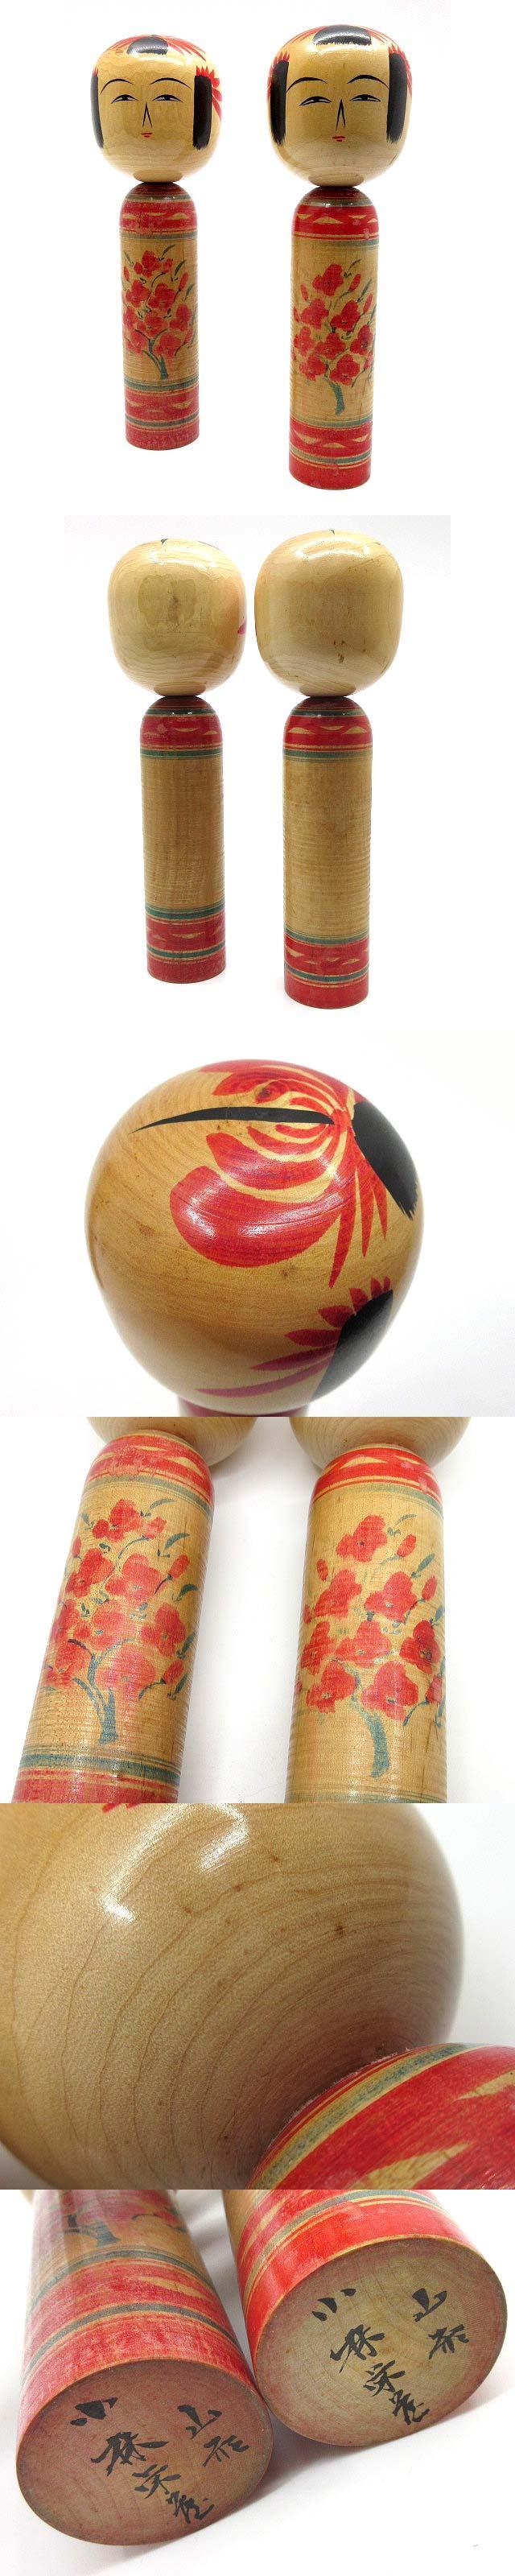 まとめ売り 2点セット 伝統こけし 山形 小林栄蔵 こけし 21cm 7寸 郷土民芸品 伝統工芸 置物 飾り物